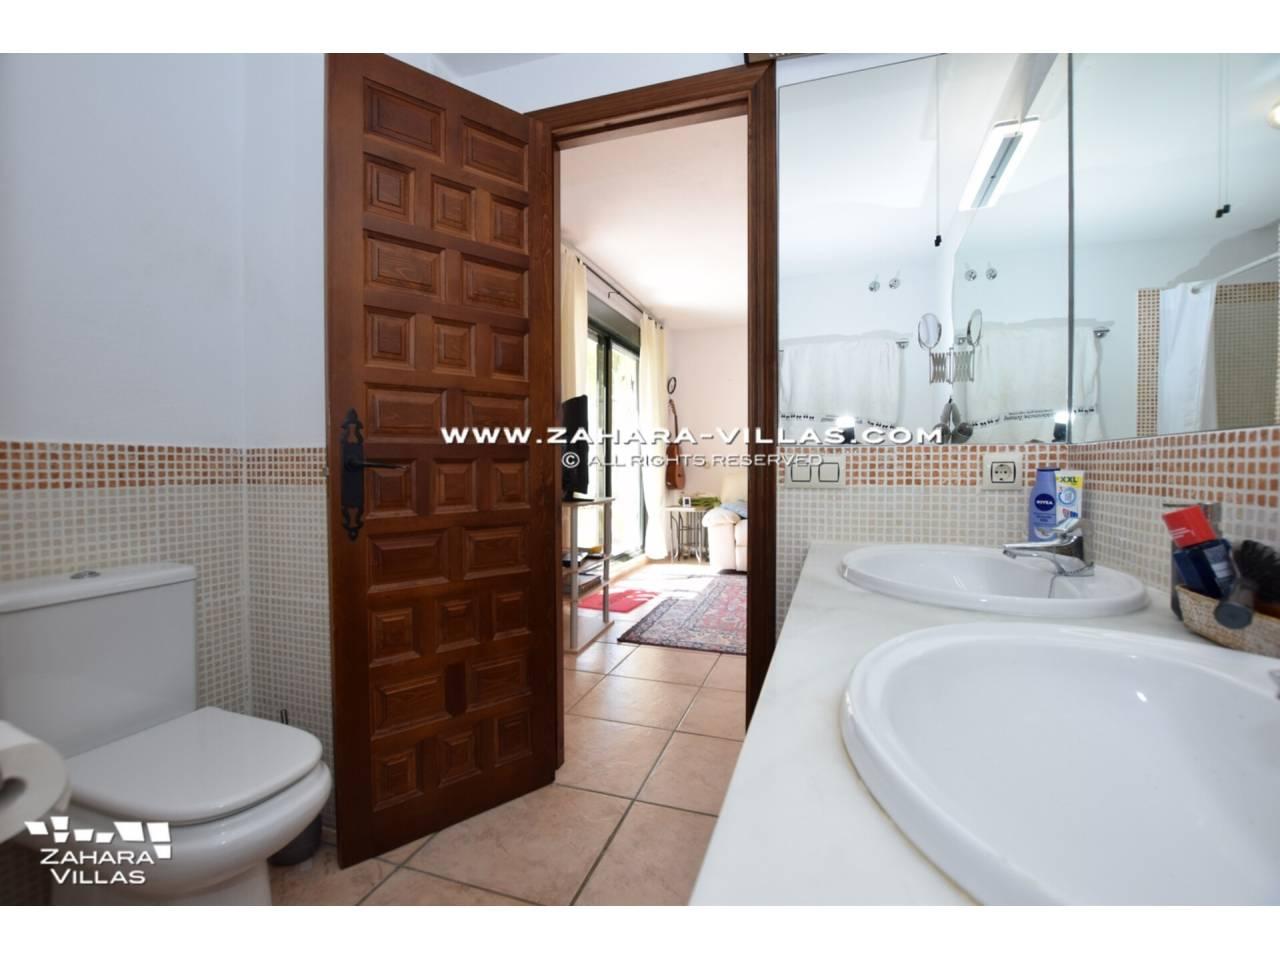 Imagen 21 de Penthouse apartment for sale in Zahara de los Atunes